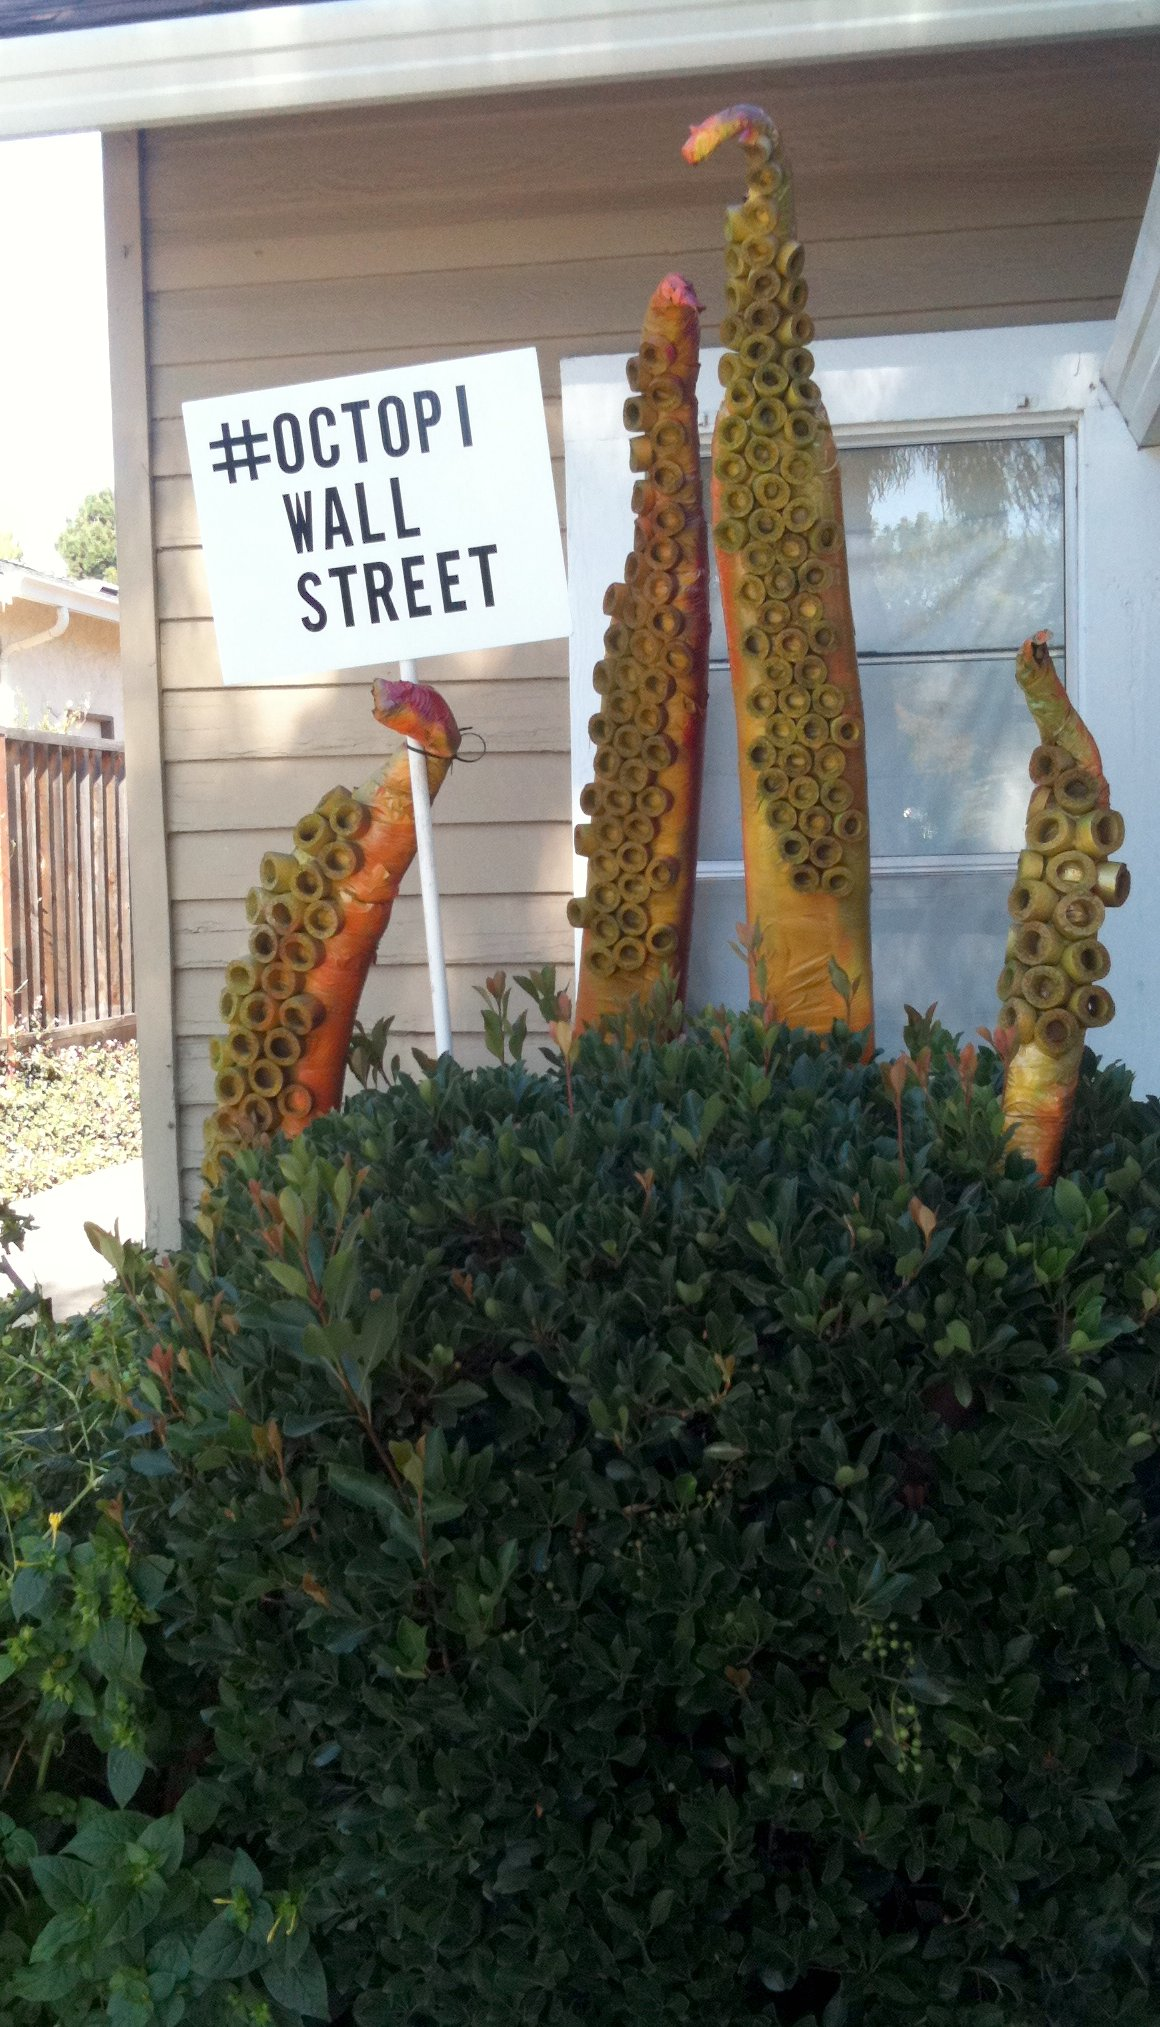 #OctopiWallStreet: big cheap tentacles